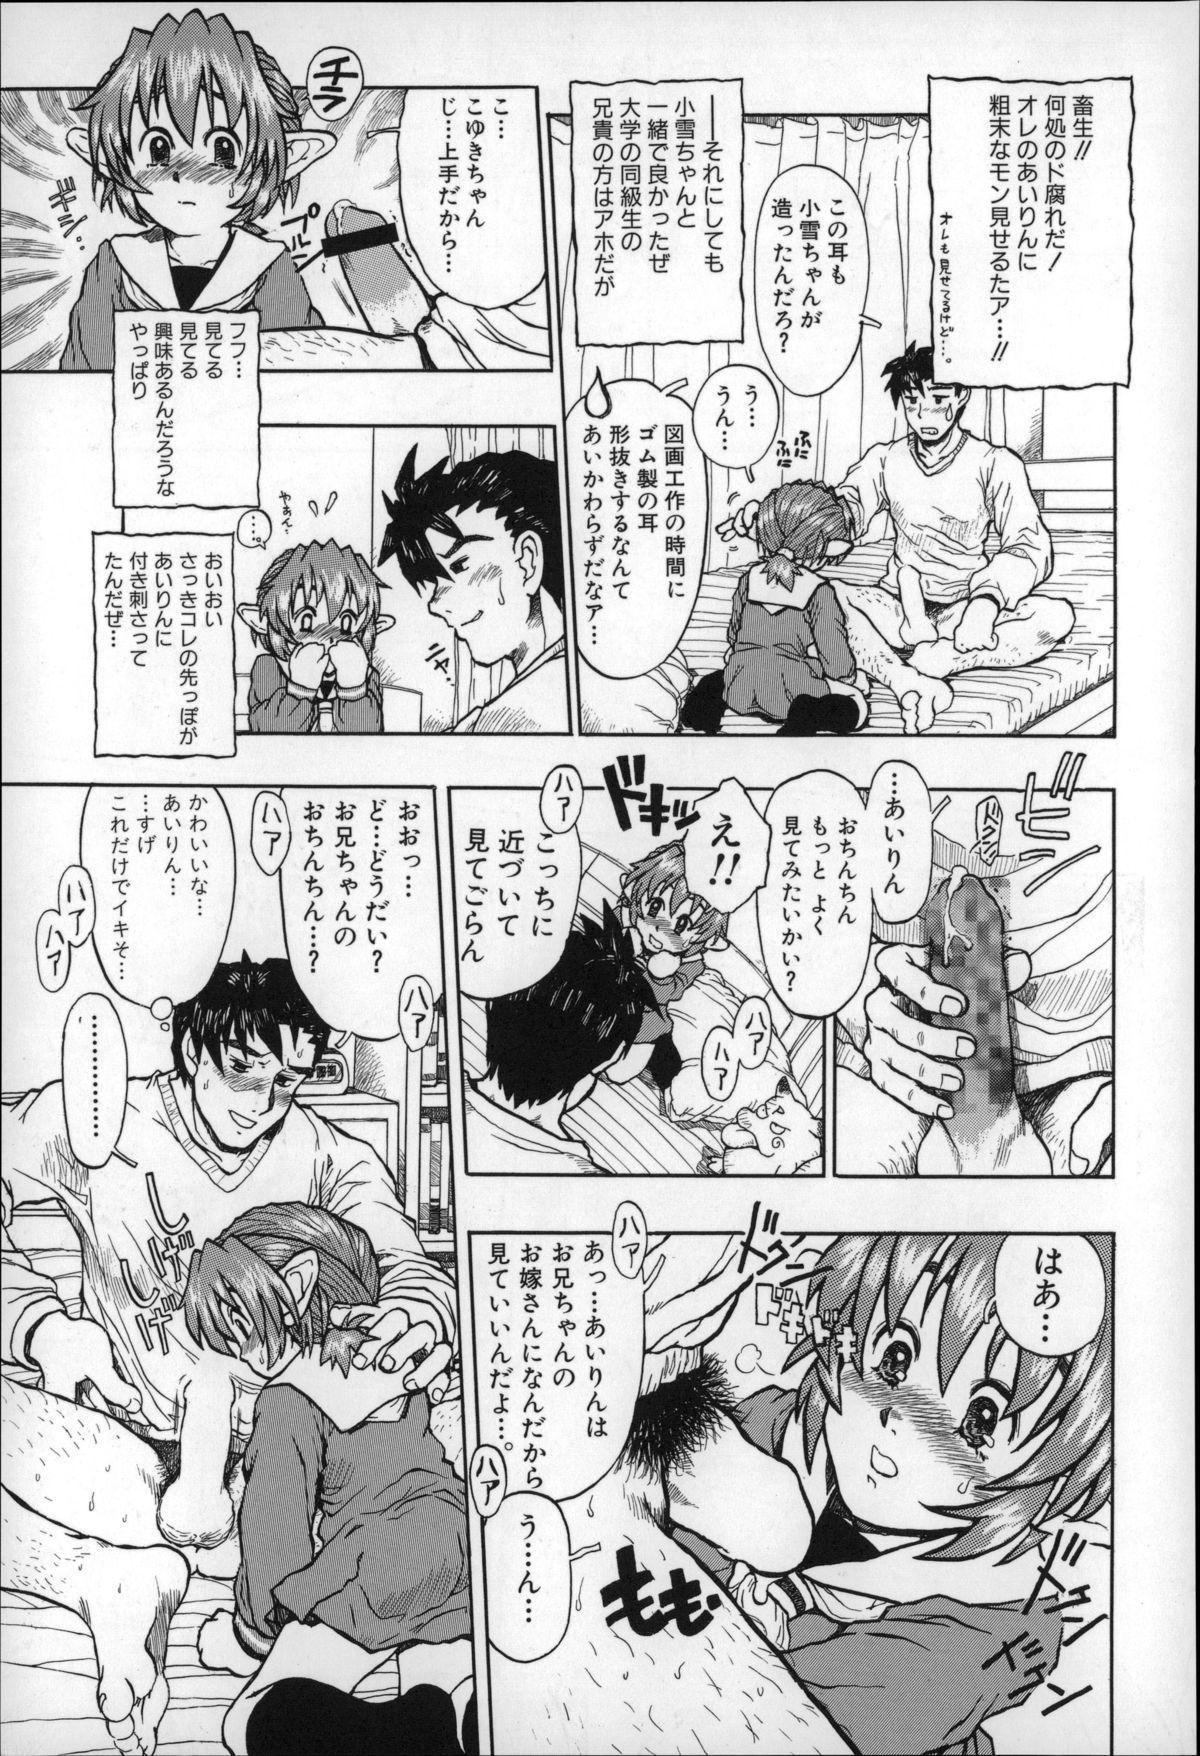 Otona wa Minaide! 85